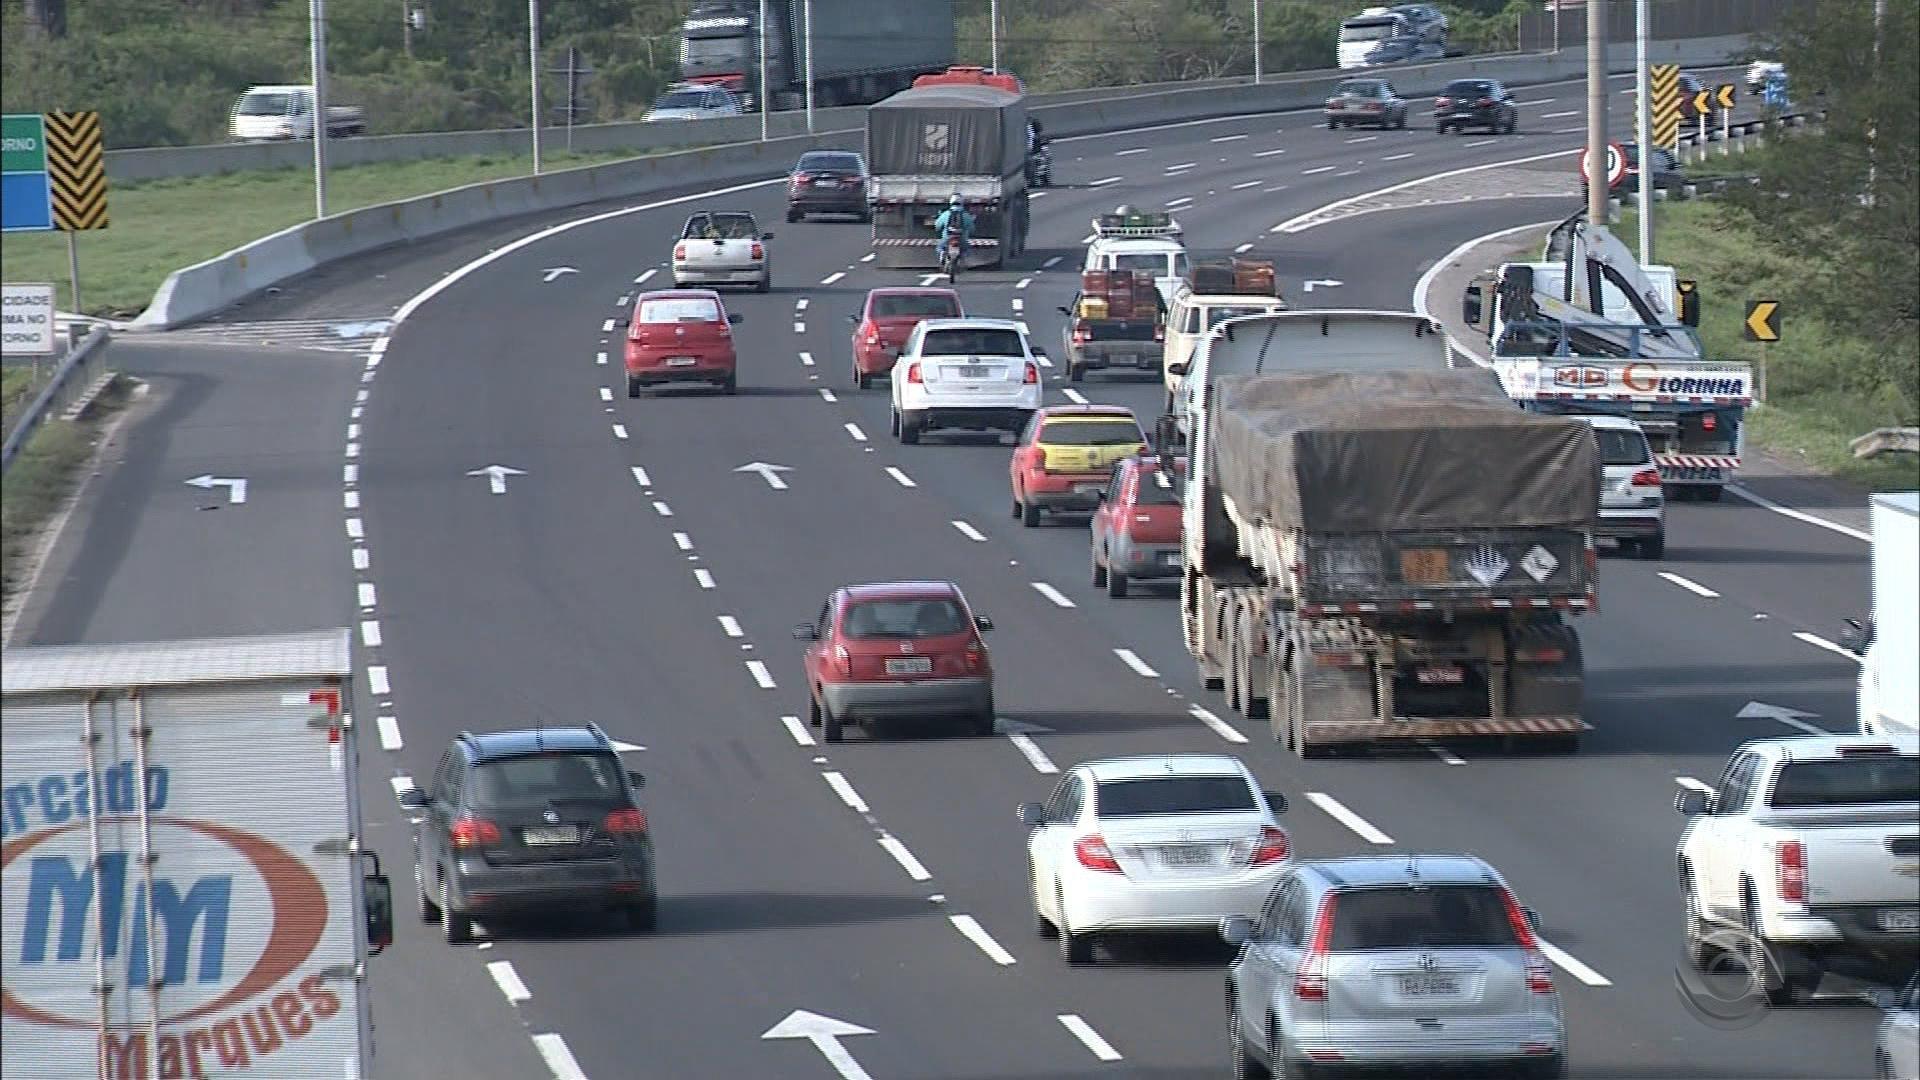 Justiça suspende decisão que permitia Concepa voltar a operar na freeway - Radio Evangelho Gospel